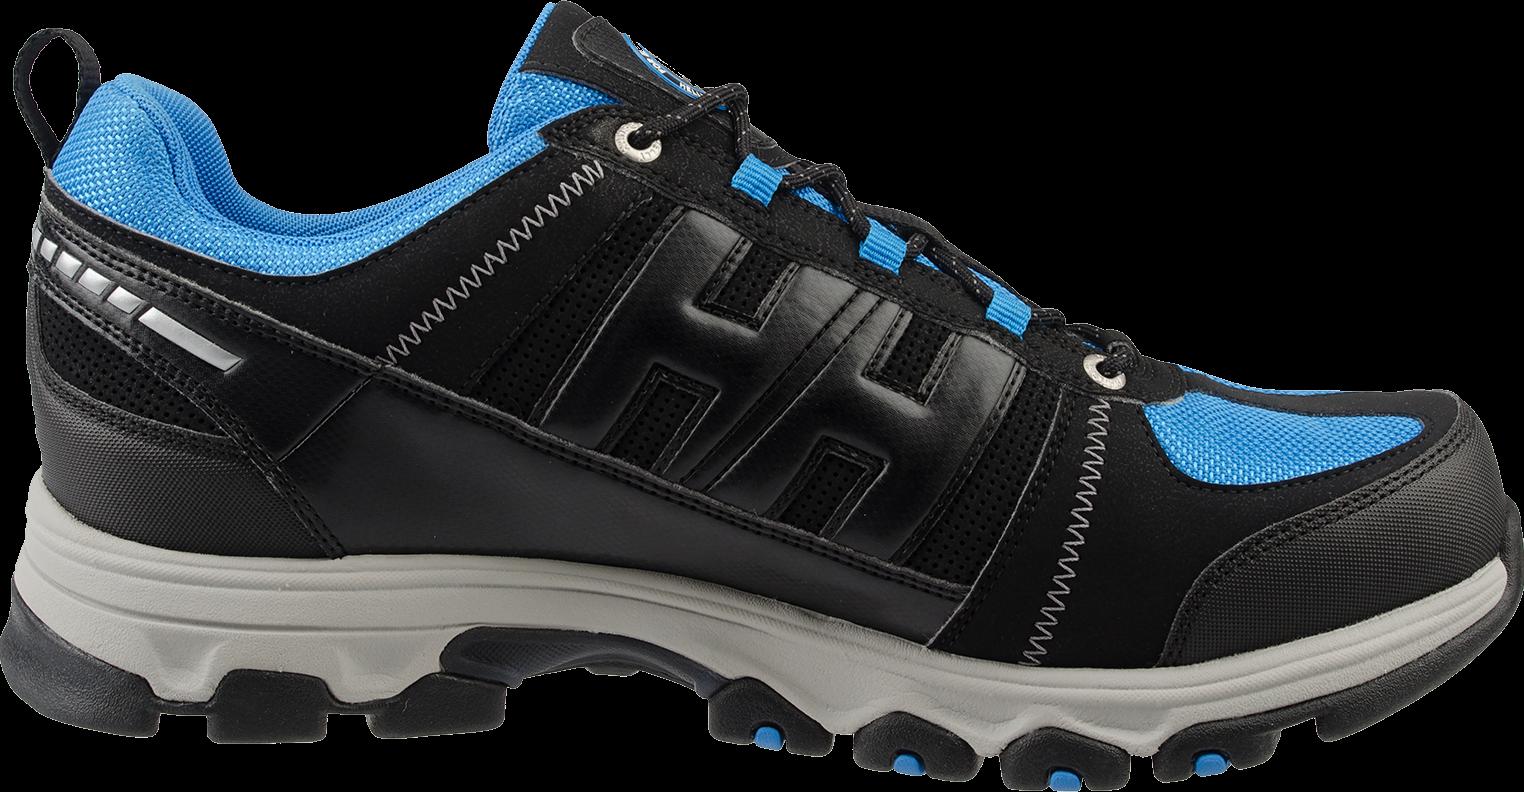 Helly Hansen 78204 Trackfinder 2HT WW - Zwart Blauw Workwear4All 717ab1f60b